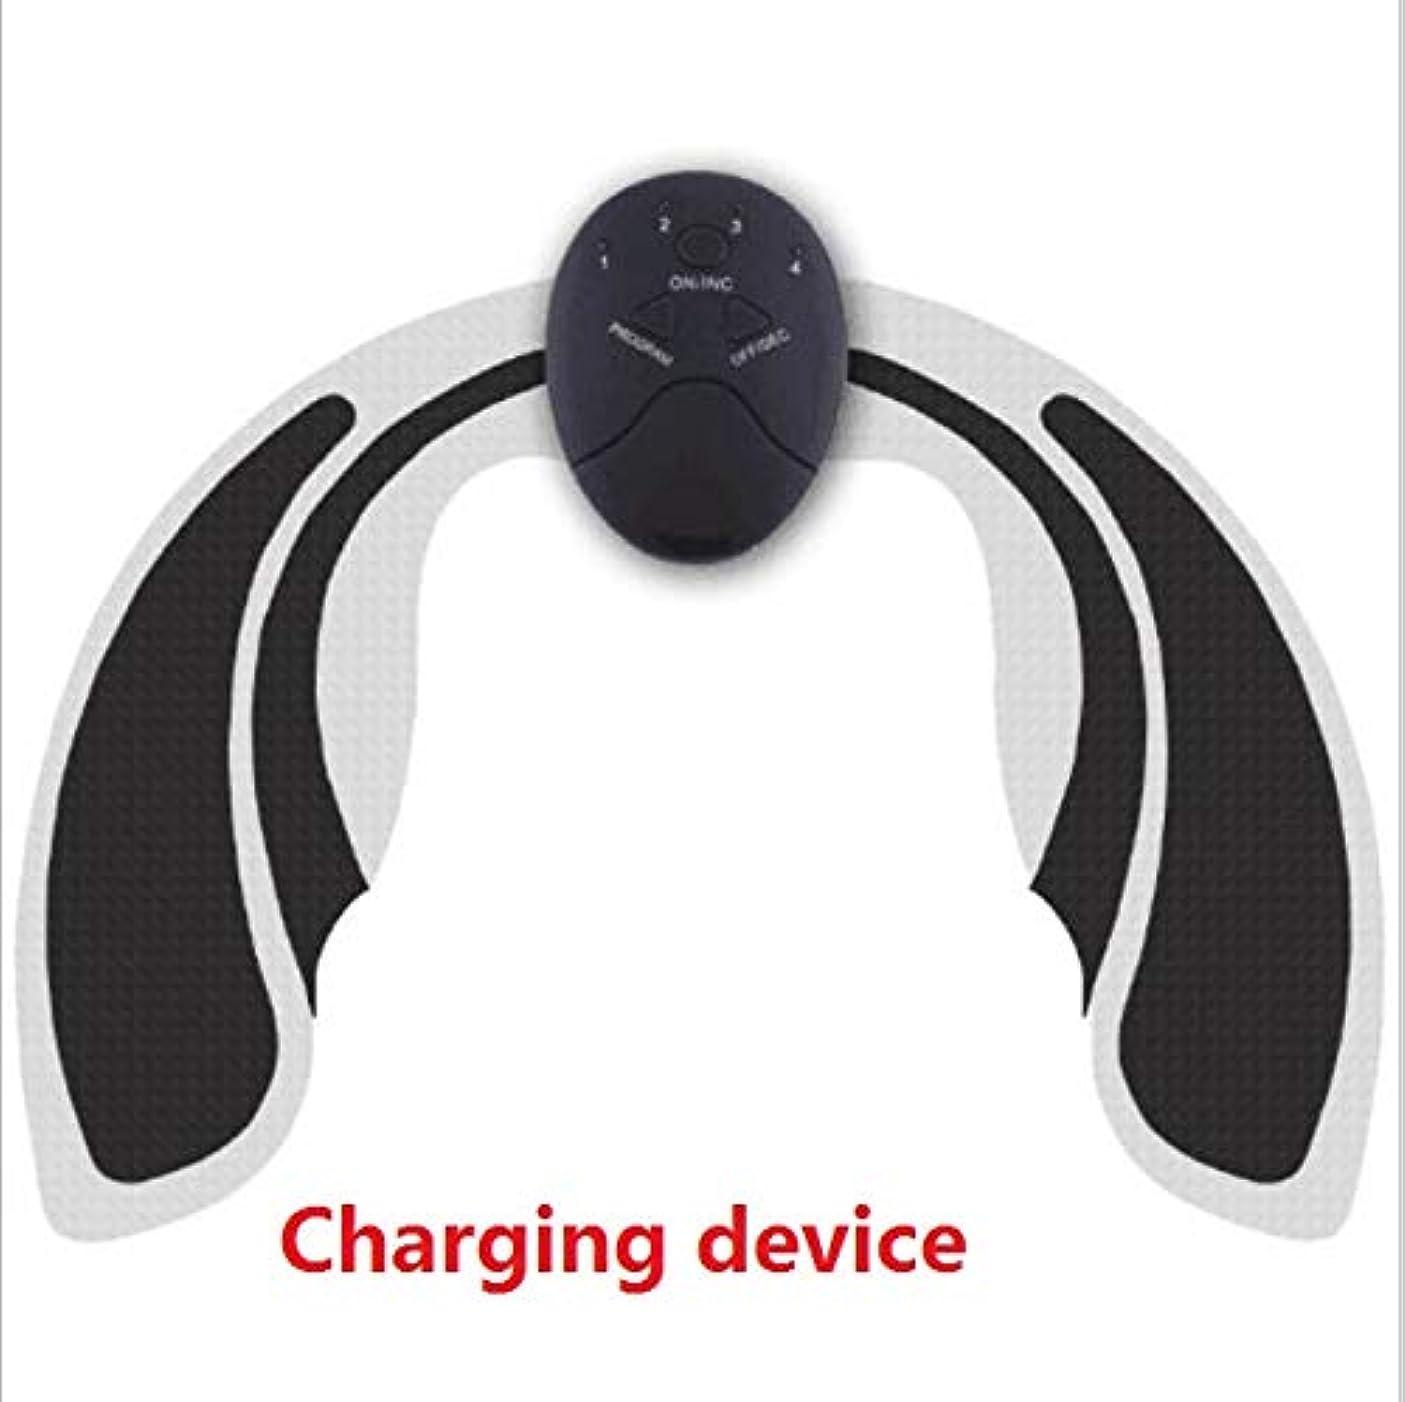 自分自身ブラケット案件KTYX ユニセックスヒップデバイスFengqi美容ウエストシェイピングボディインストゥルメンツEMSインテリジェントマッサージ機器 マッサージャー (色 : Charging type)